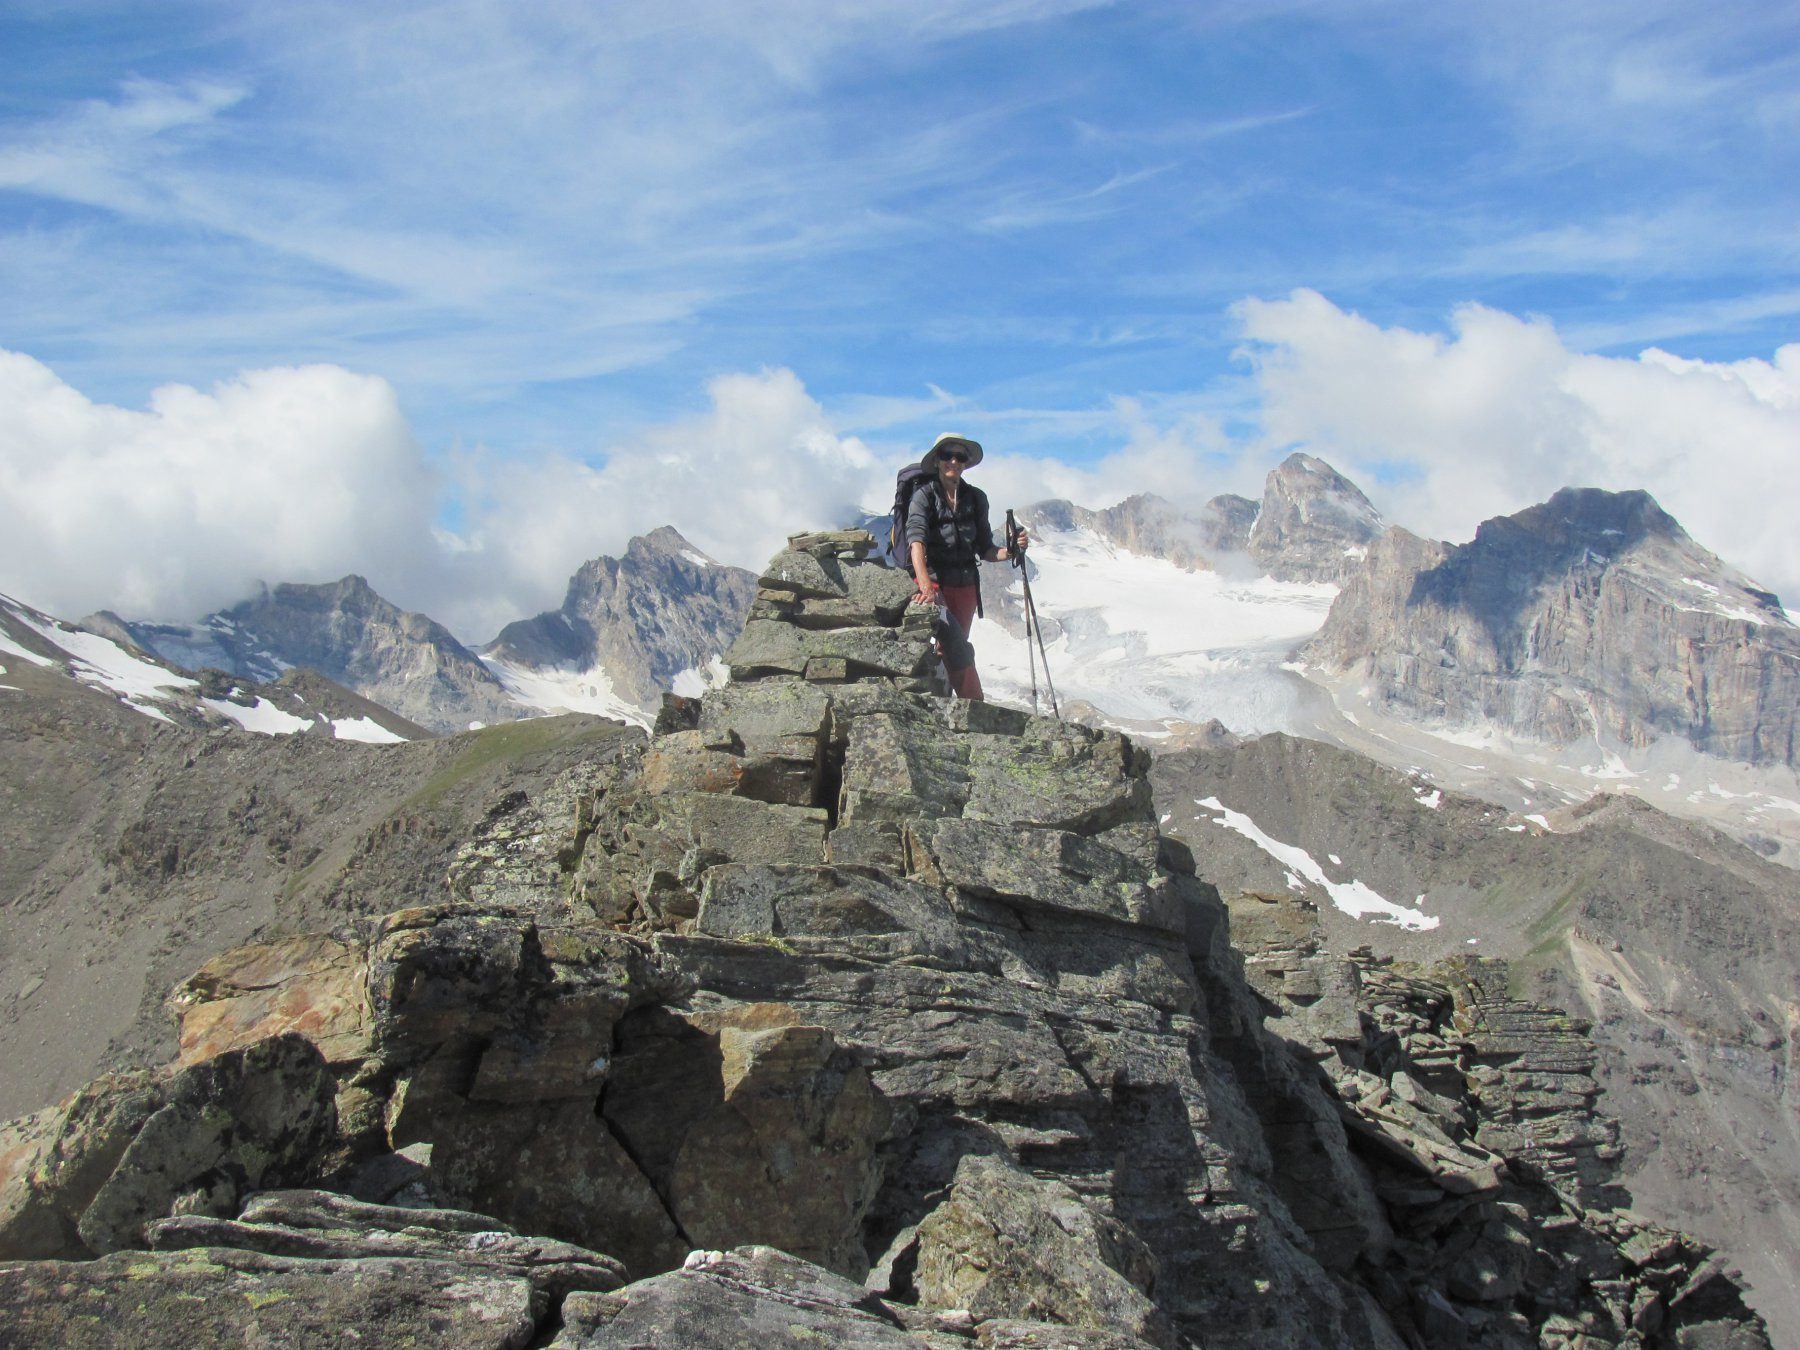 sulla cresta dopo il colle, con i monti della Val di Rhemes ( Calabre, Tsanteleina, Granta Parei) sullo sfondo